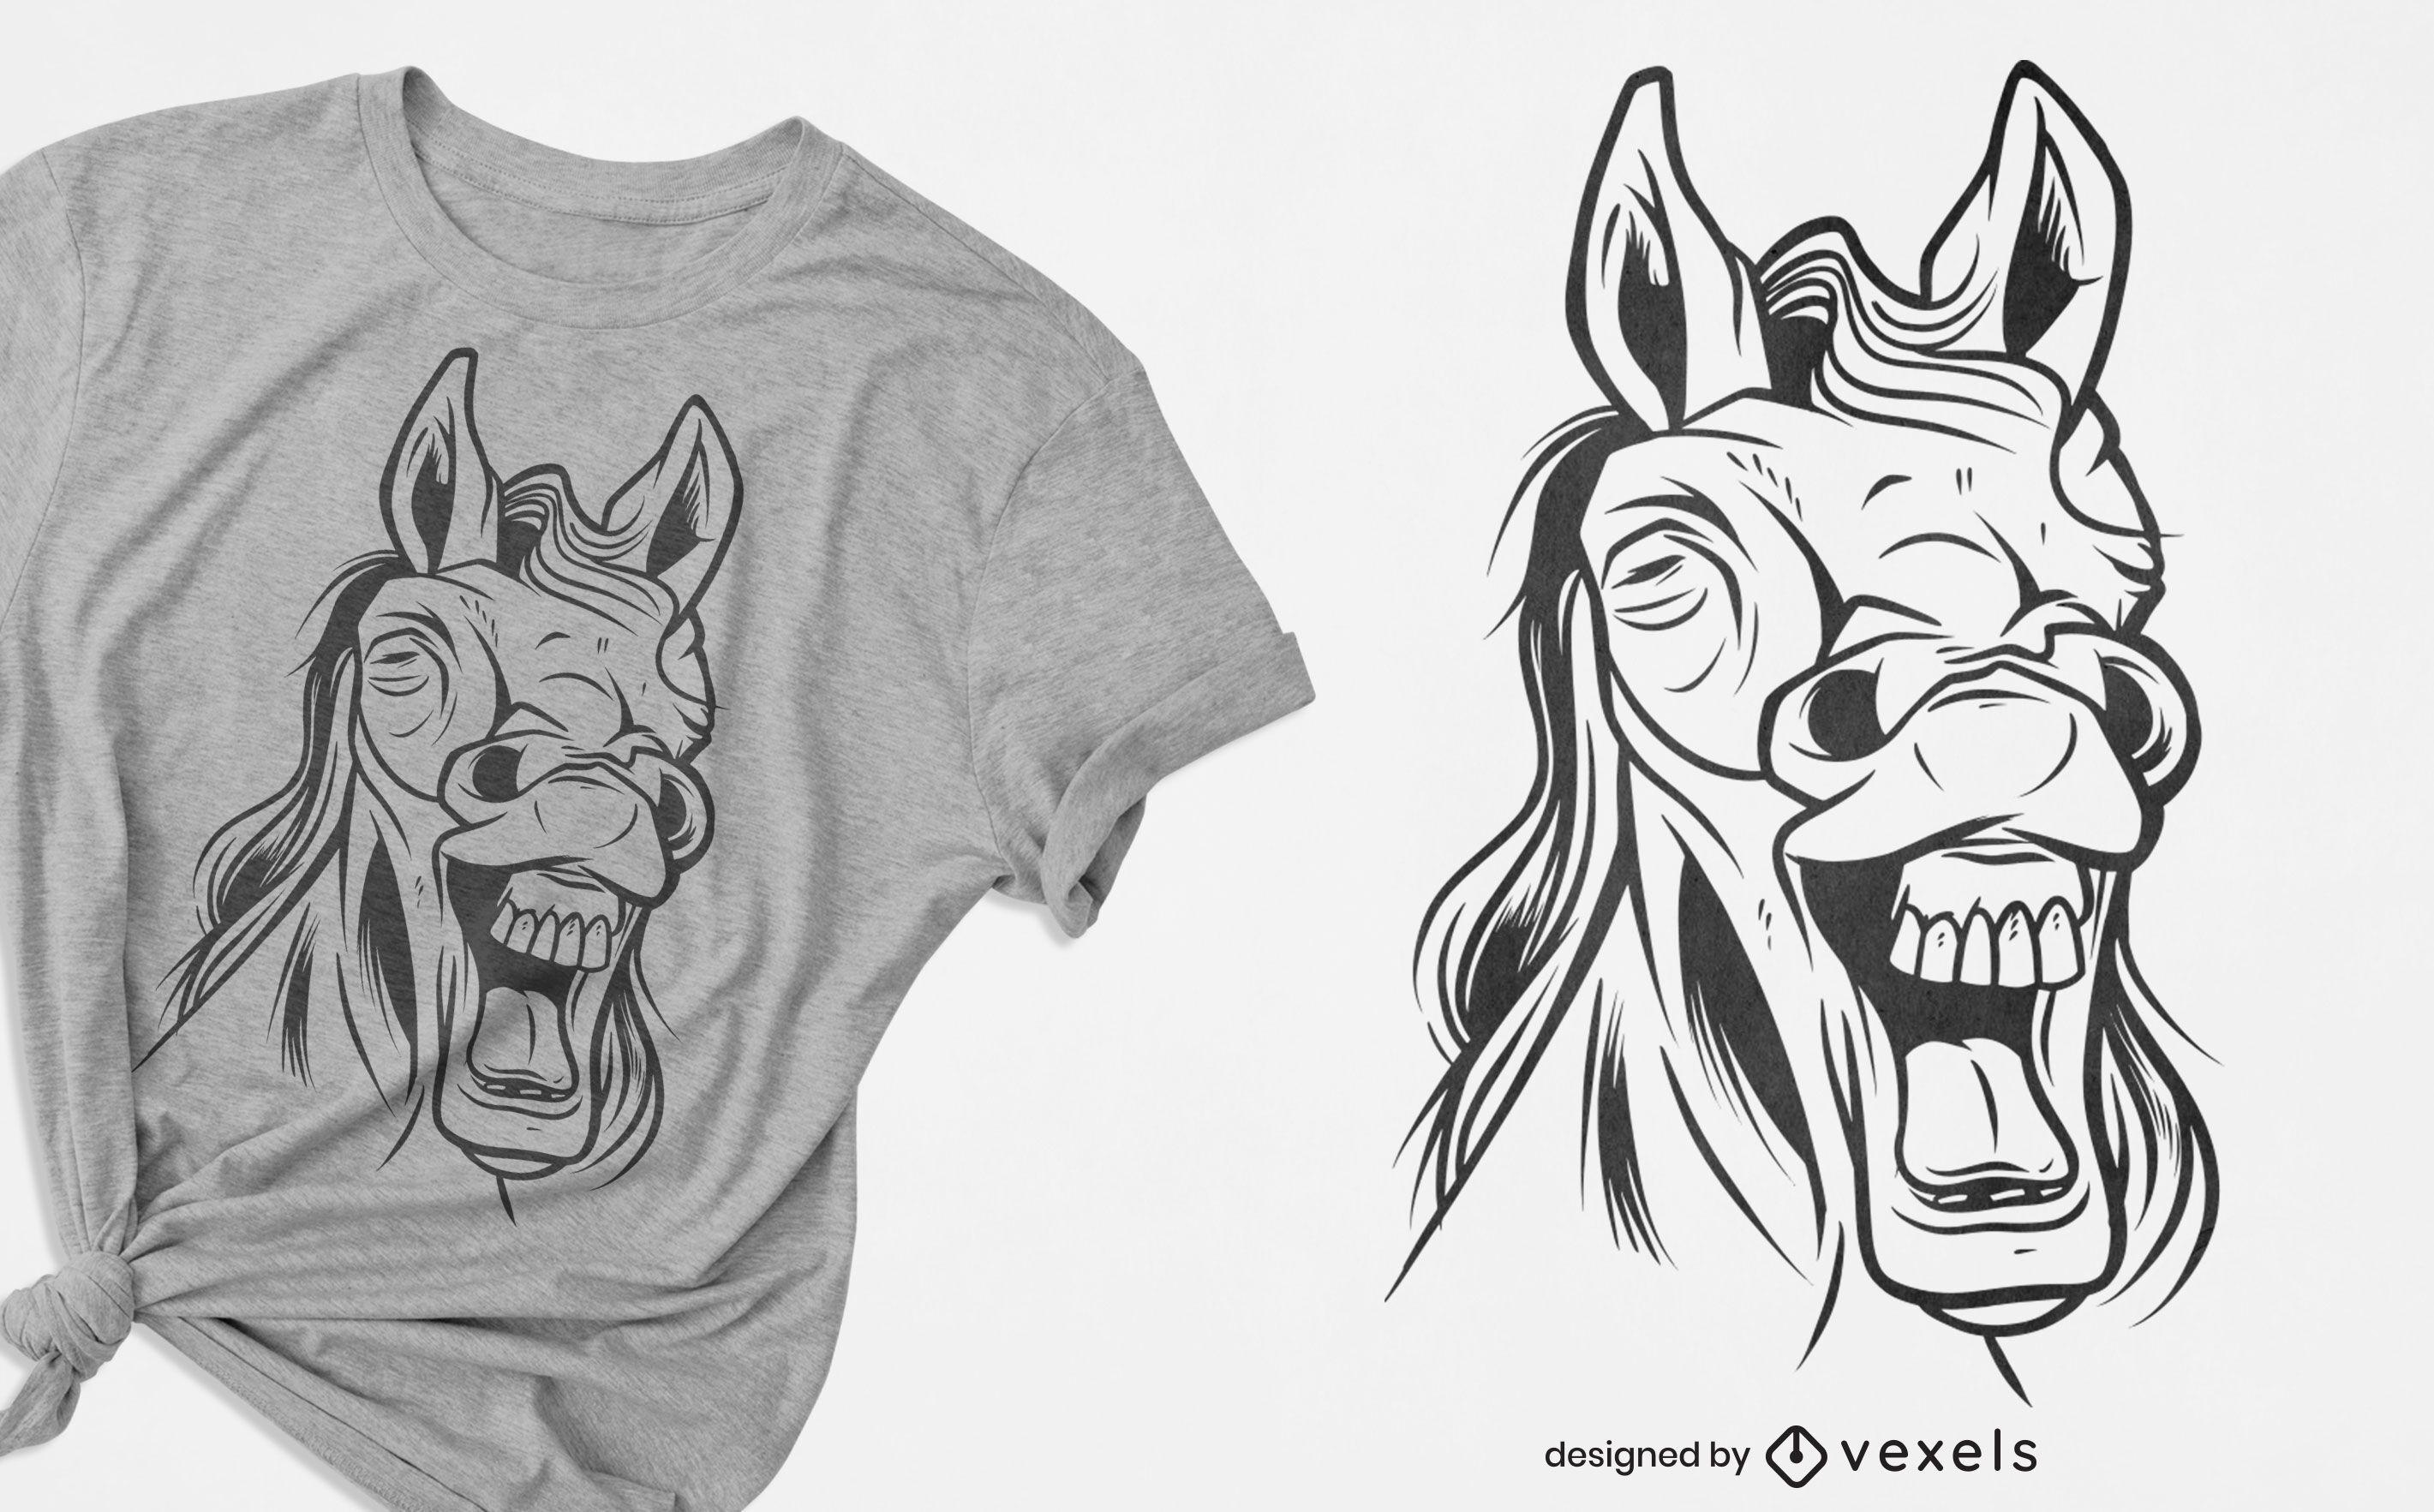 ANFRAGE Lachendes Pferd T-Shirt Design